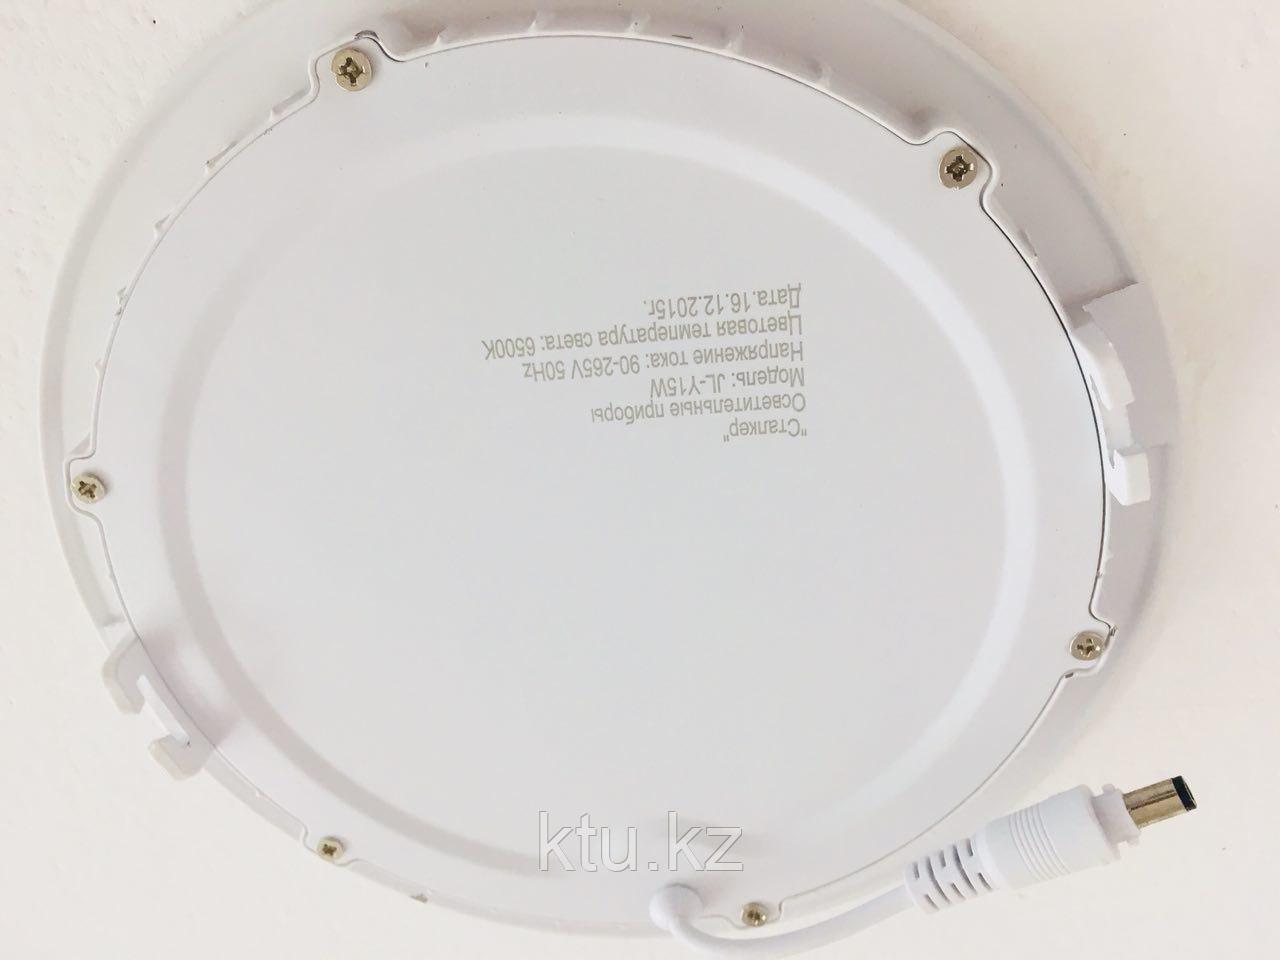 Светильники (споты) JL-Y 15W,внутренний 1год гарантия